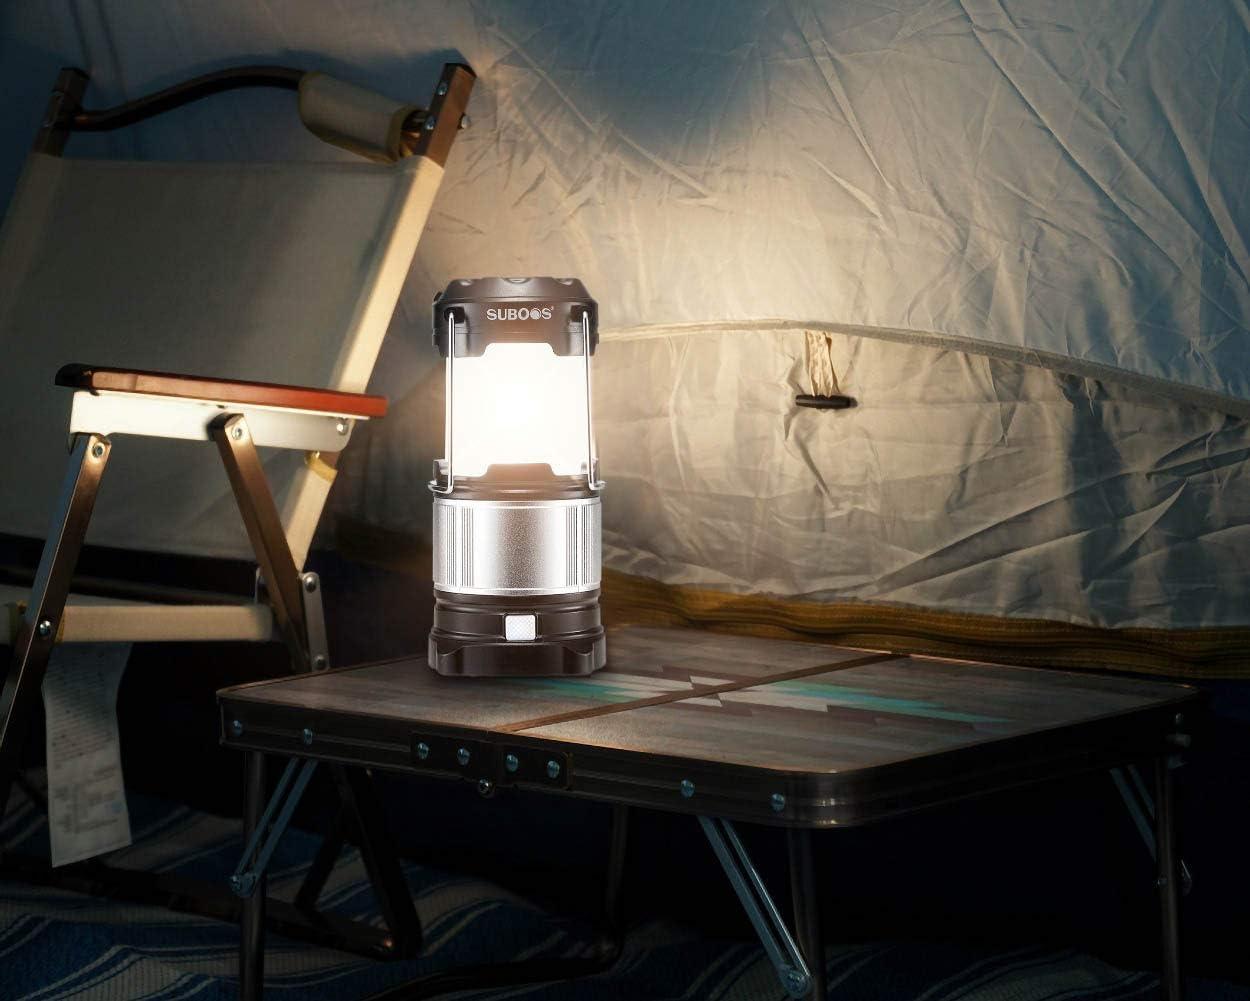 /lightweight- visi/ó taller suboos Ultimate LED recargable Farol y banco de energ/ía/ /Plegable/ Senderismo Auto Emergencia/ /la mayor/ía de LED Lantern- ideal para: profesionales Camping